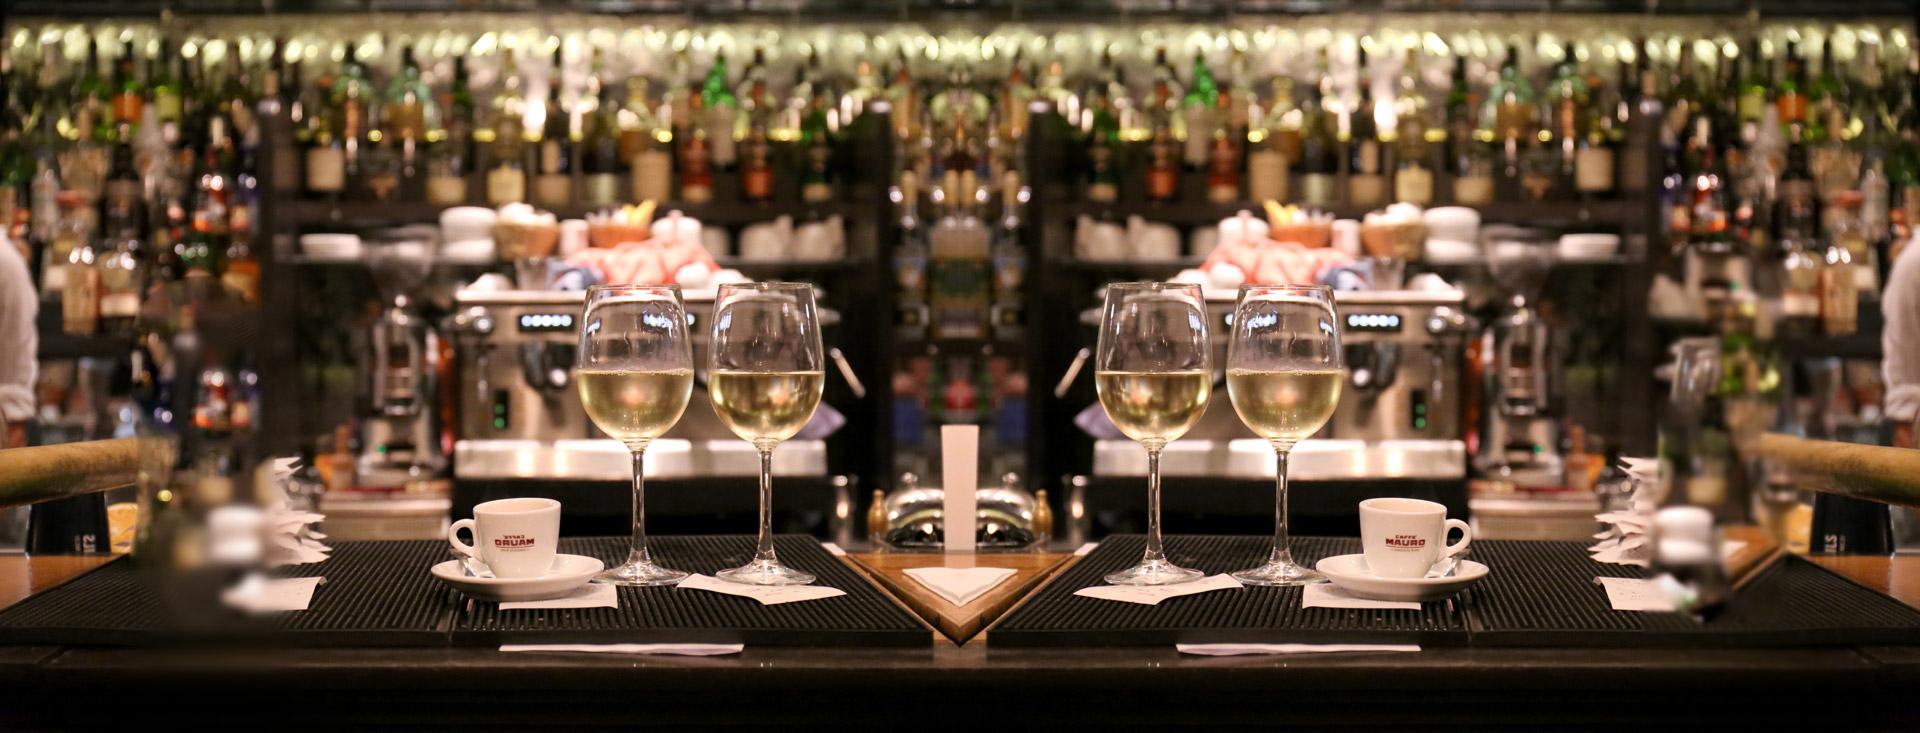 תפריט יין